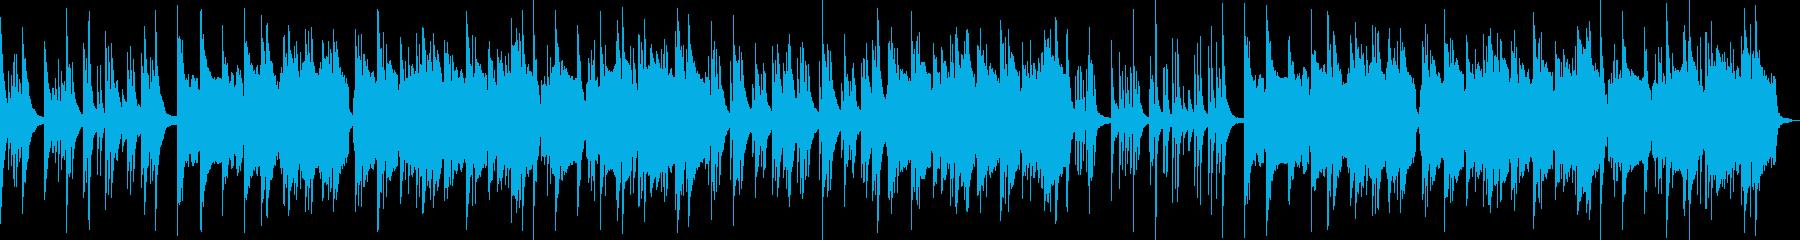 ほのぼのしたバラード音楽の再生済みの波形